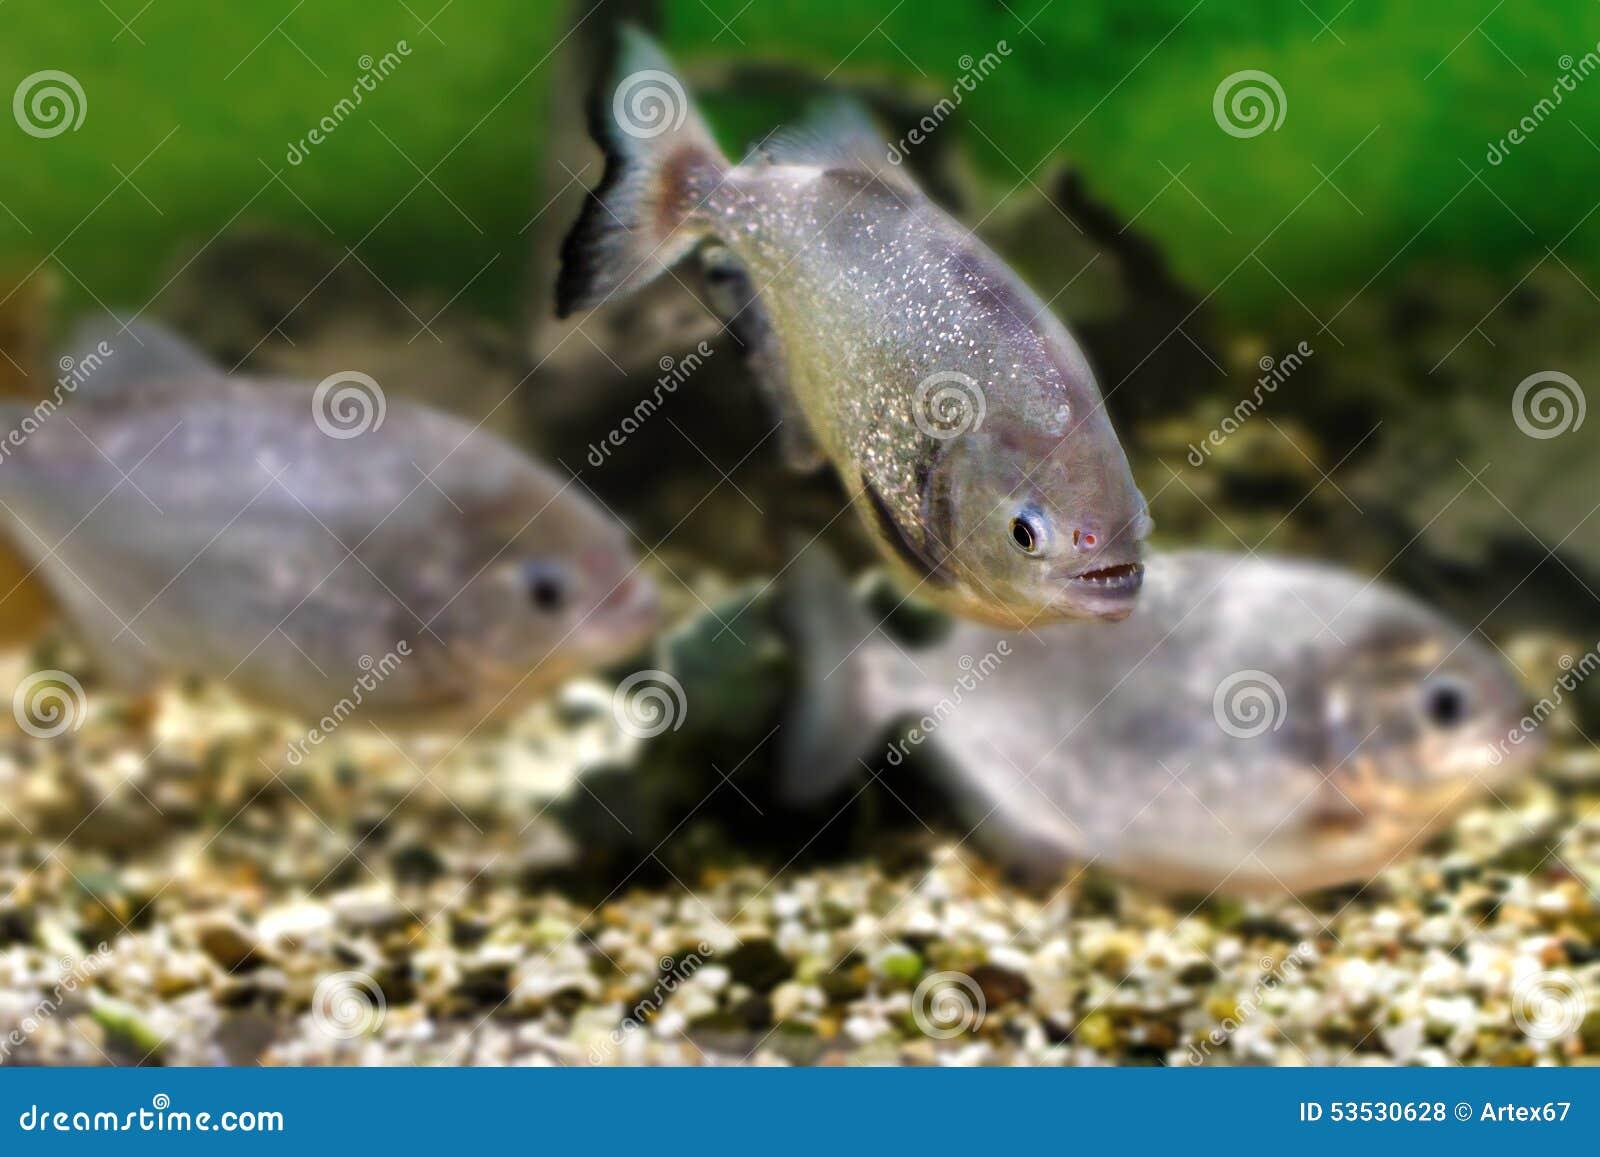 Freshwater aquarium fish piranha - Beautiful Aquarium Fish Piranhas